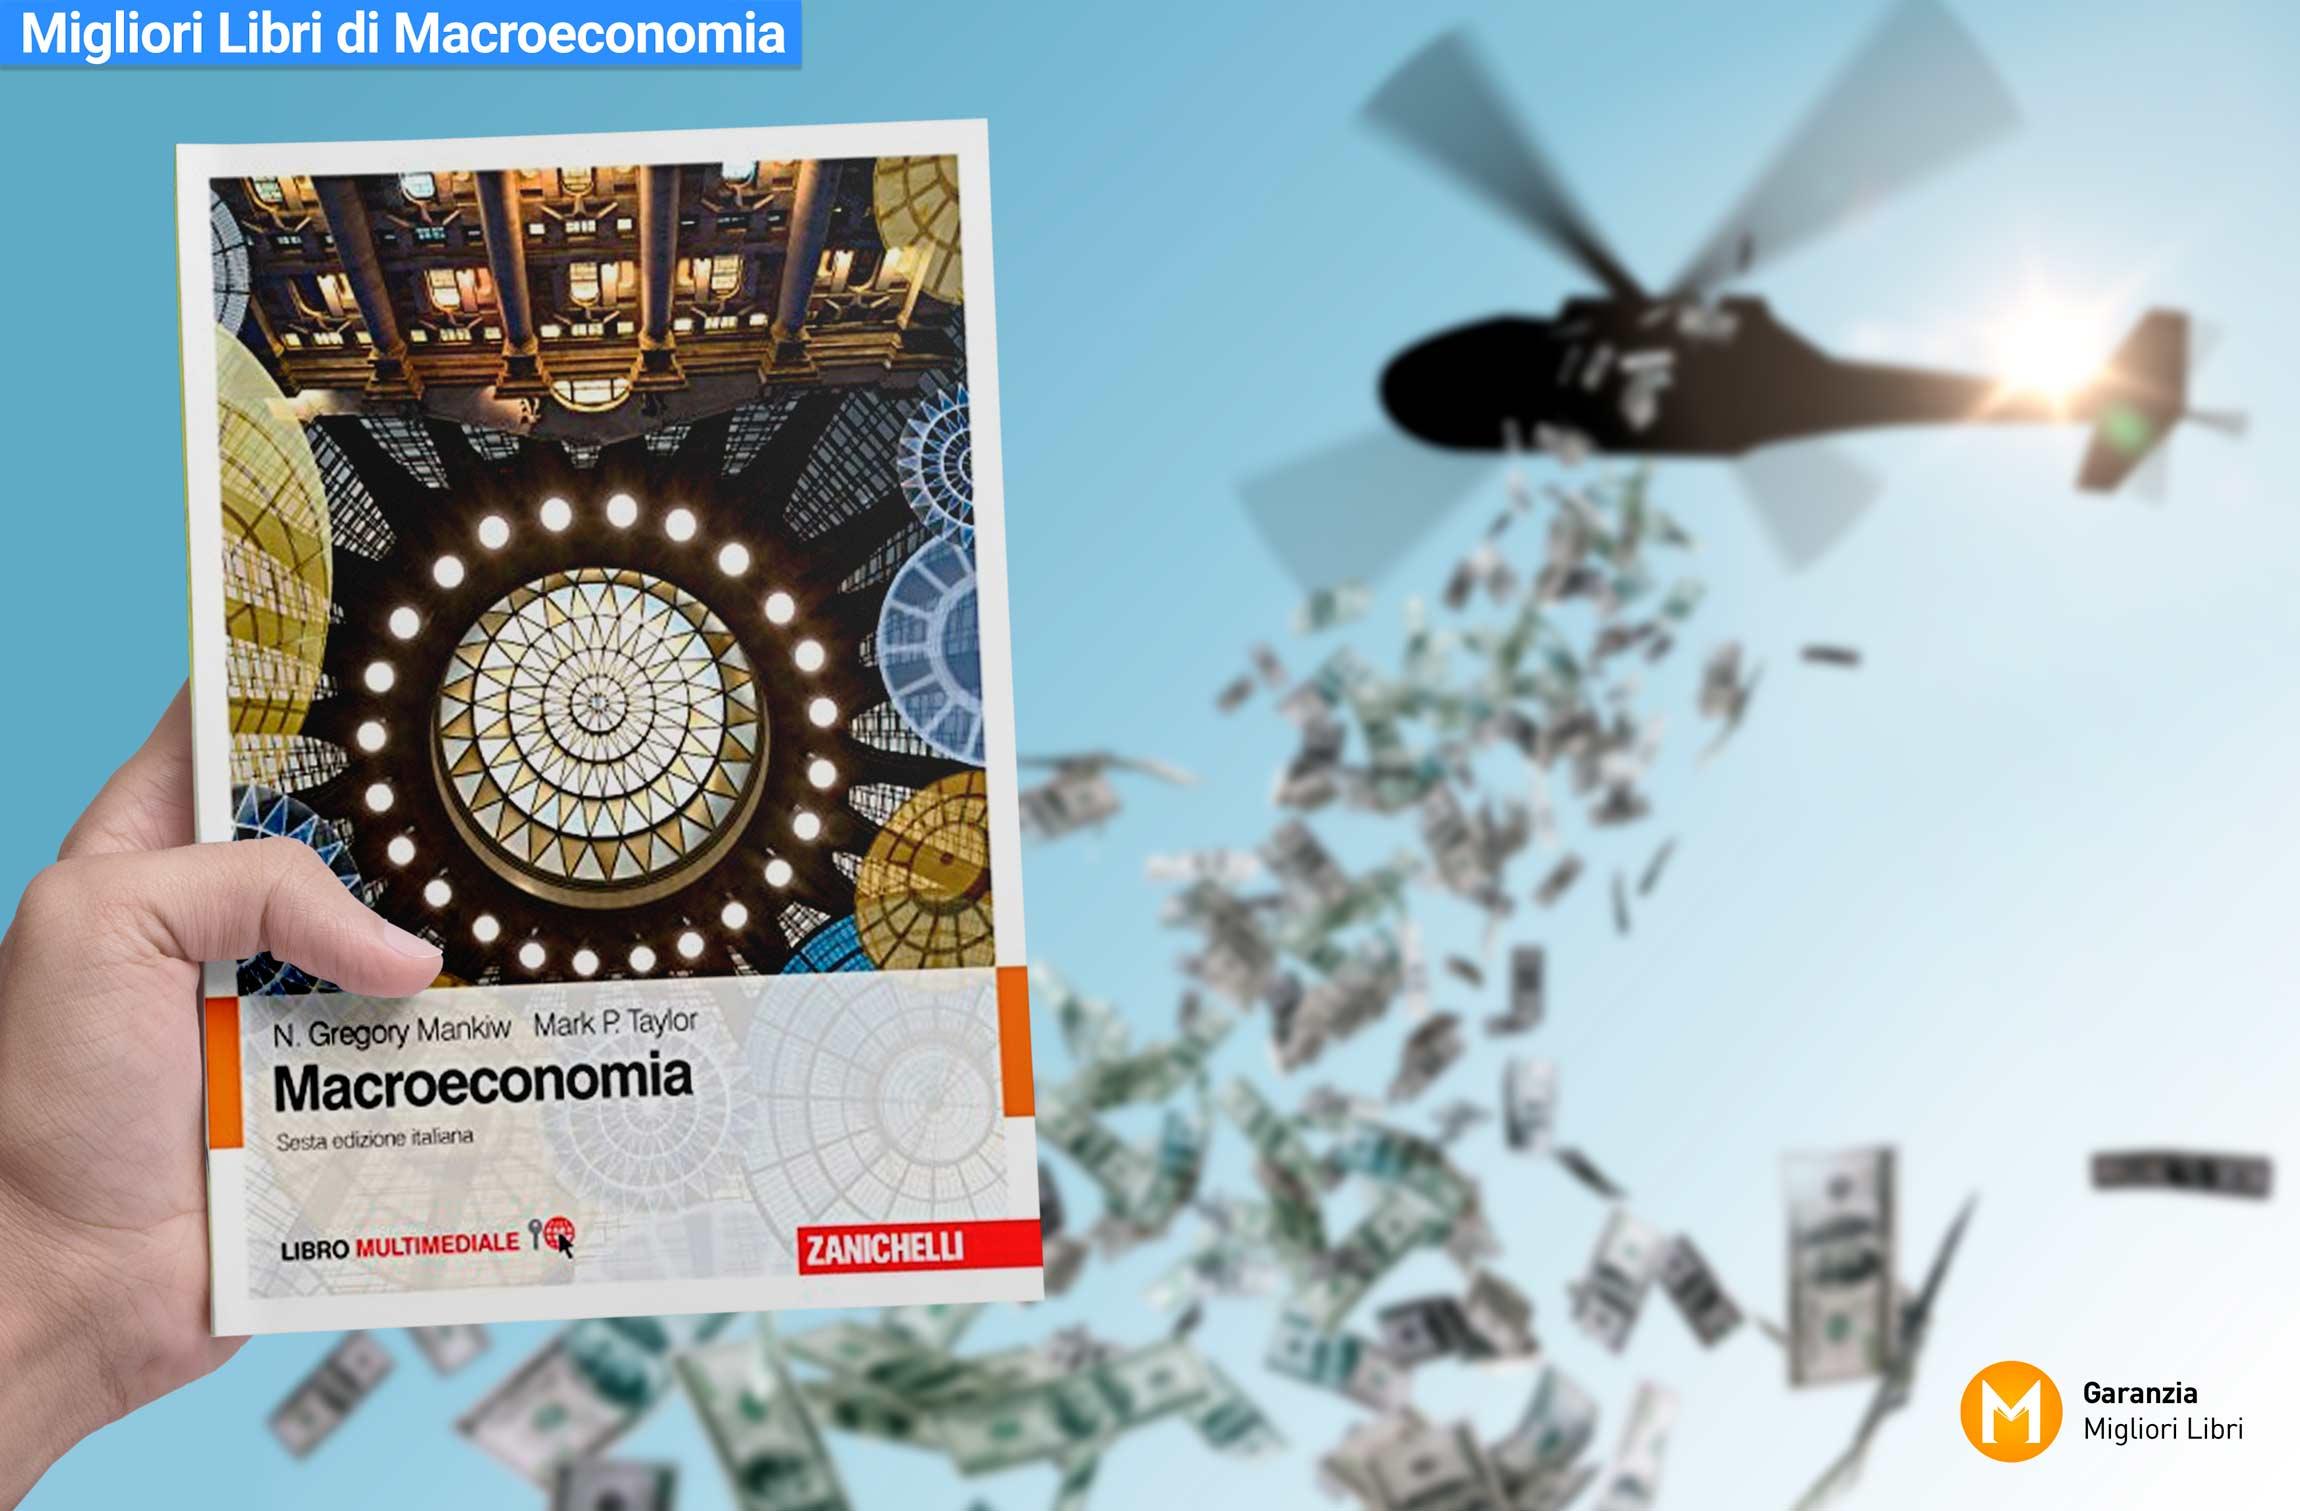 migliori-libri-macroeconomia